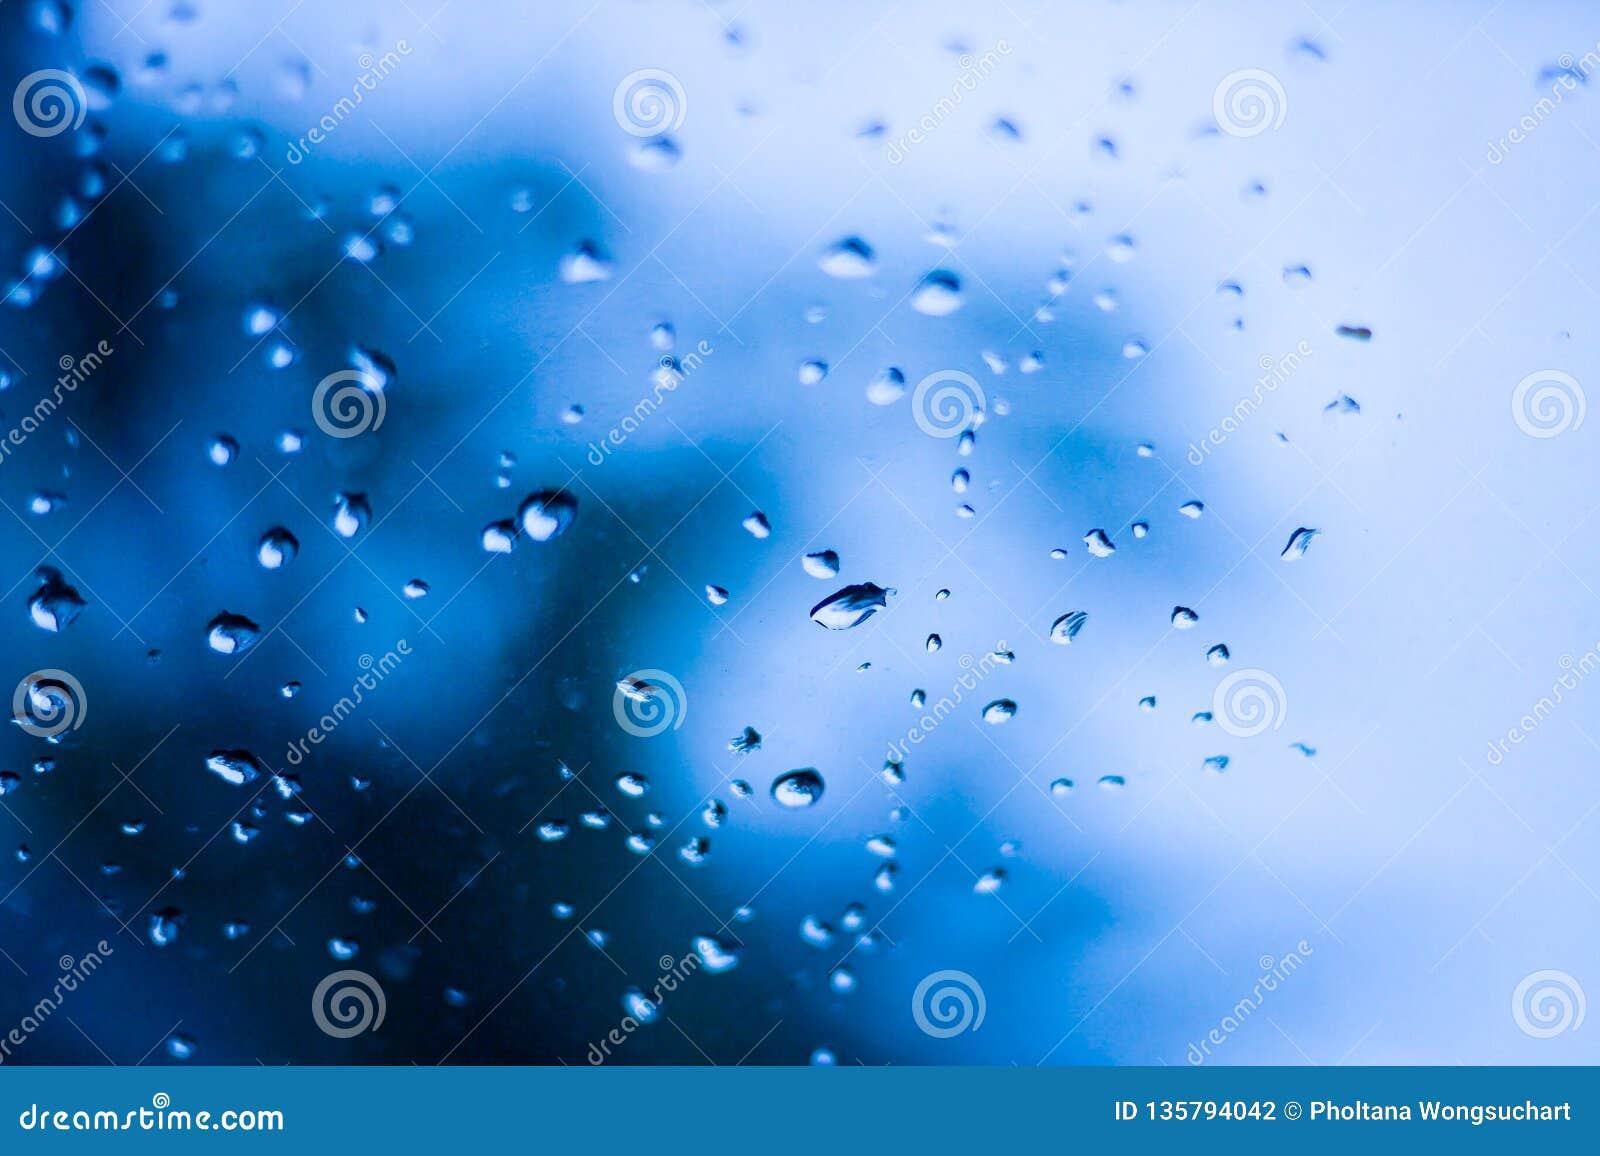 水滴是由雨小滴造成的在清楚的玻璃